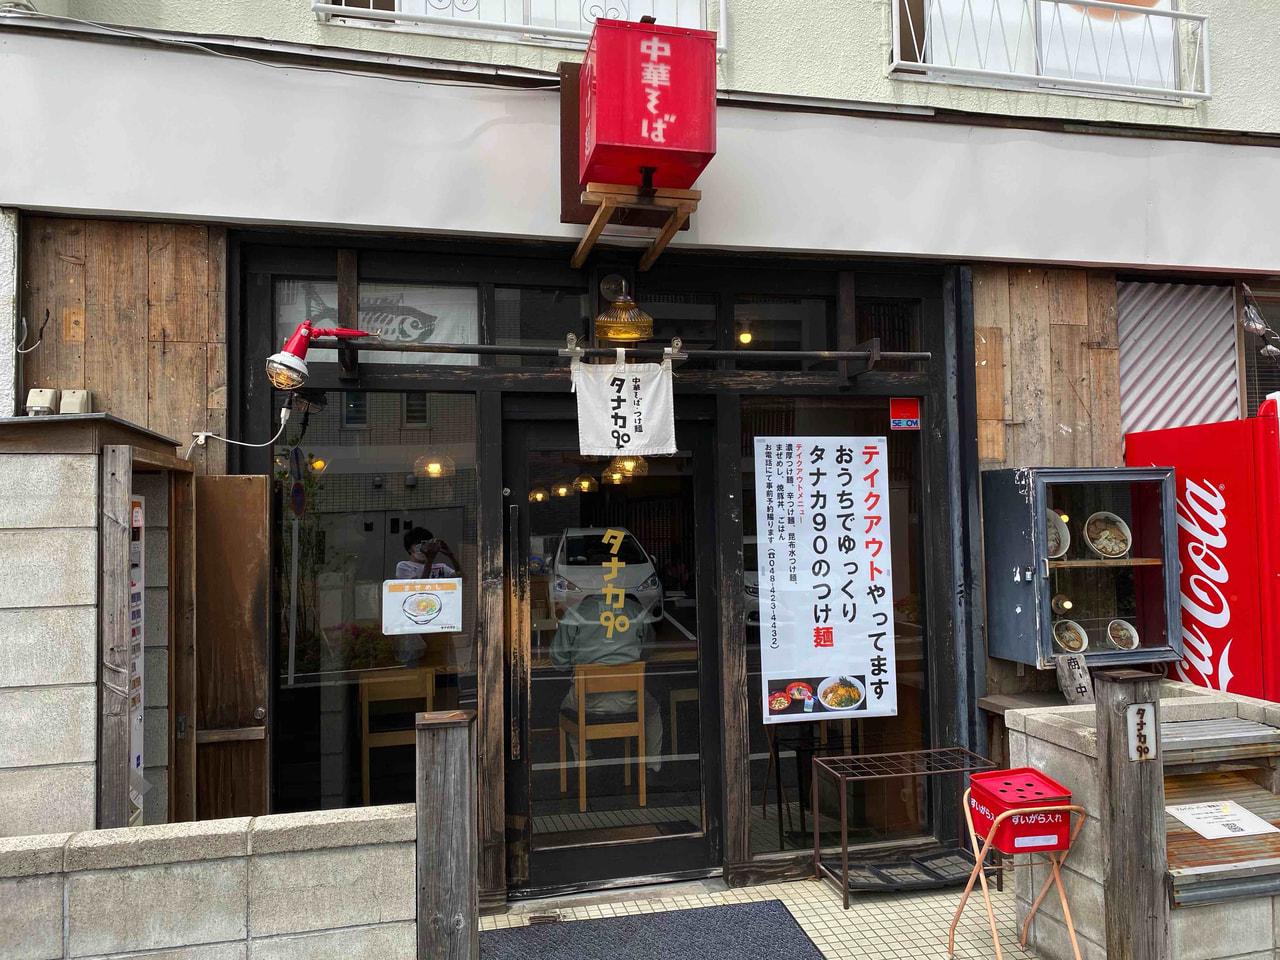 中華そば つけ麺 タナカ90(朝霞市)のお店の外観